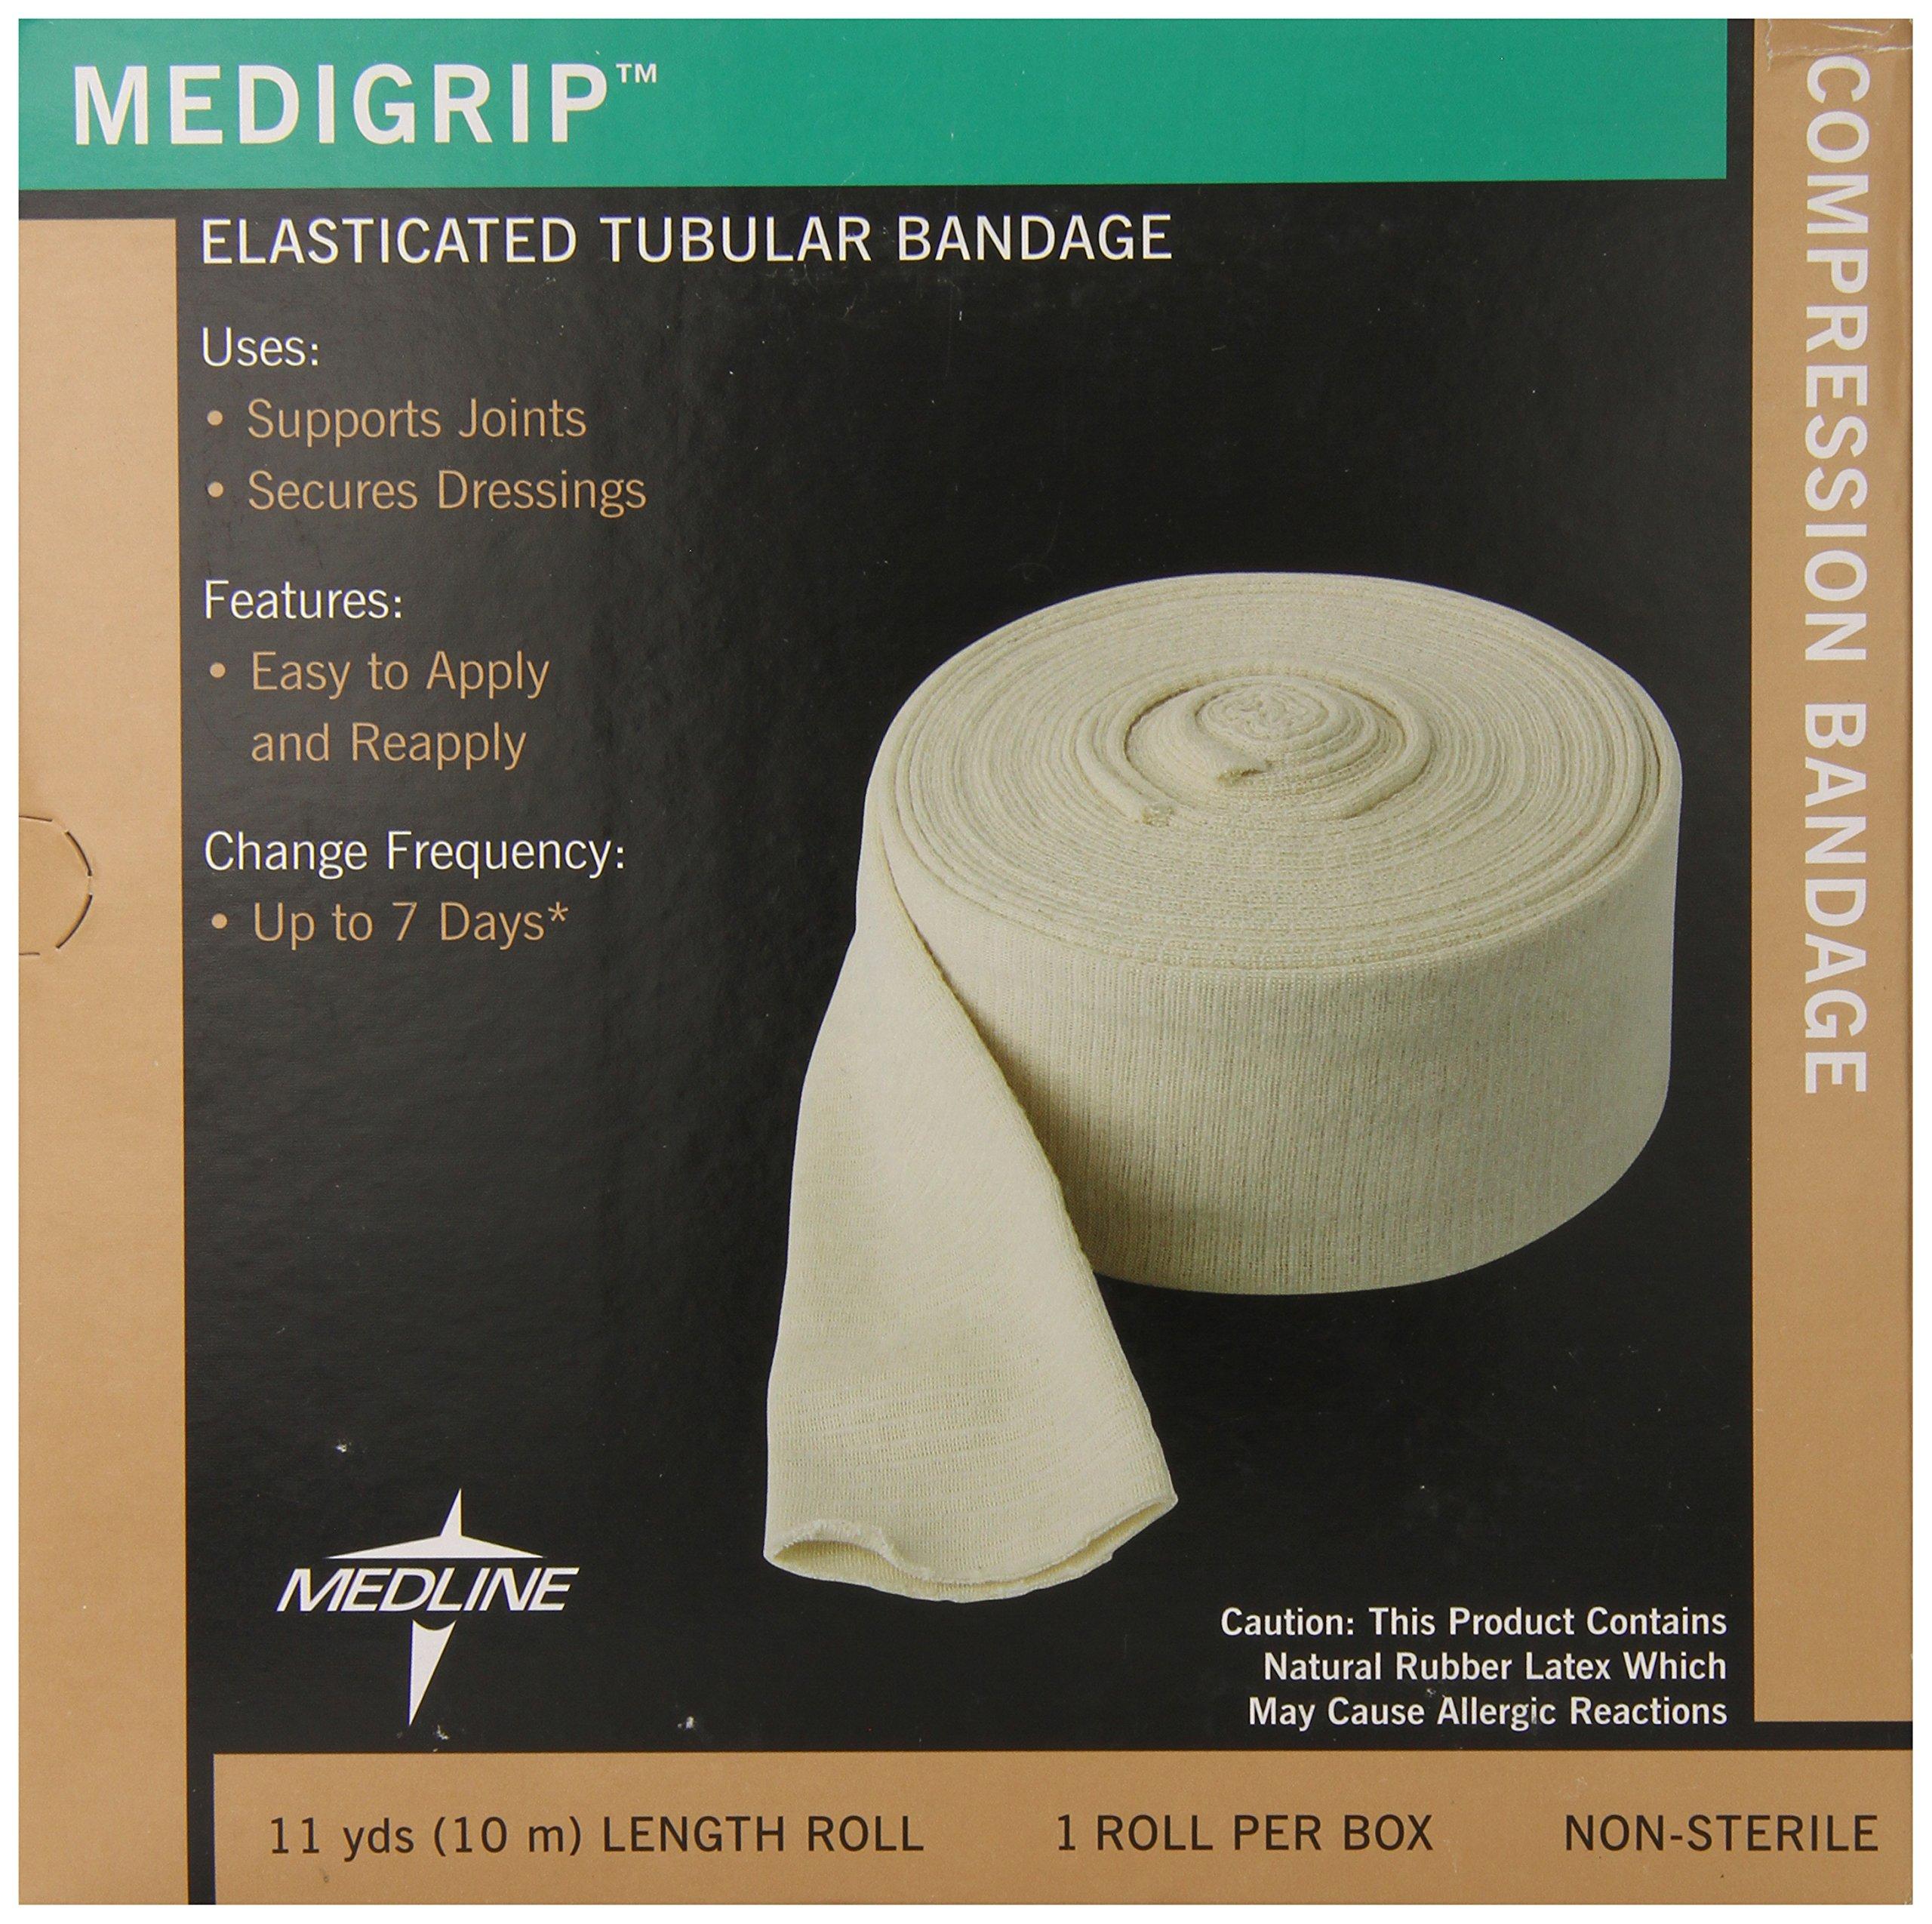 Medline Bandage Tubular Elastic Medigrip, Size G